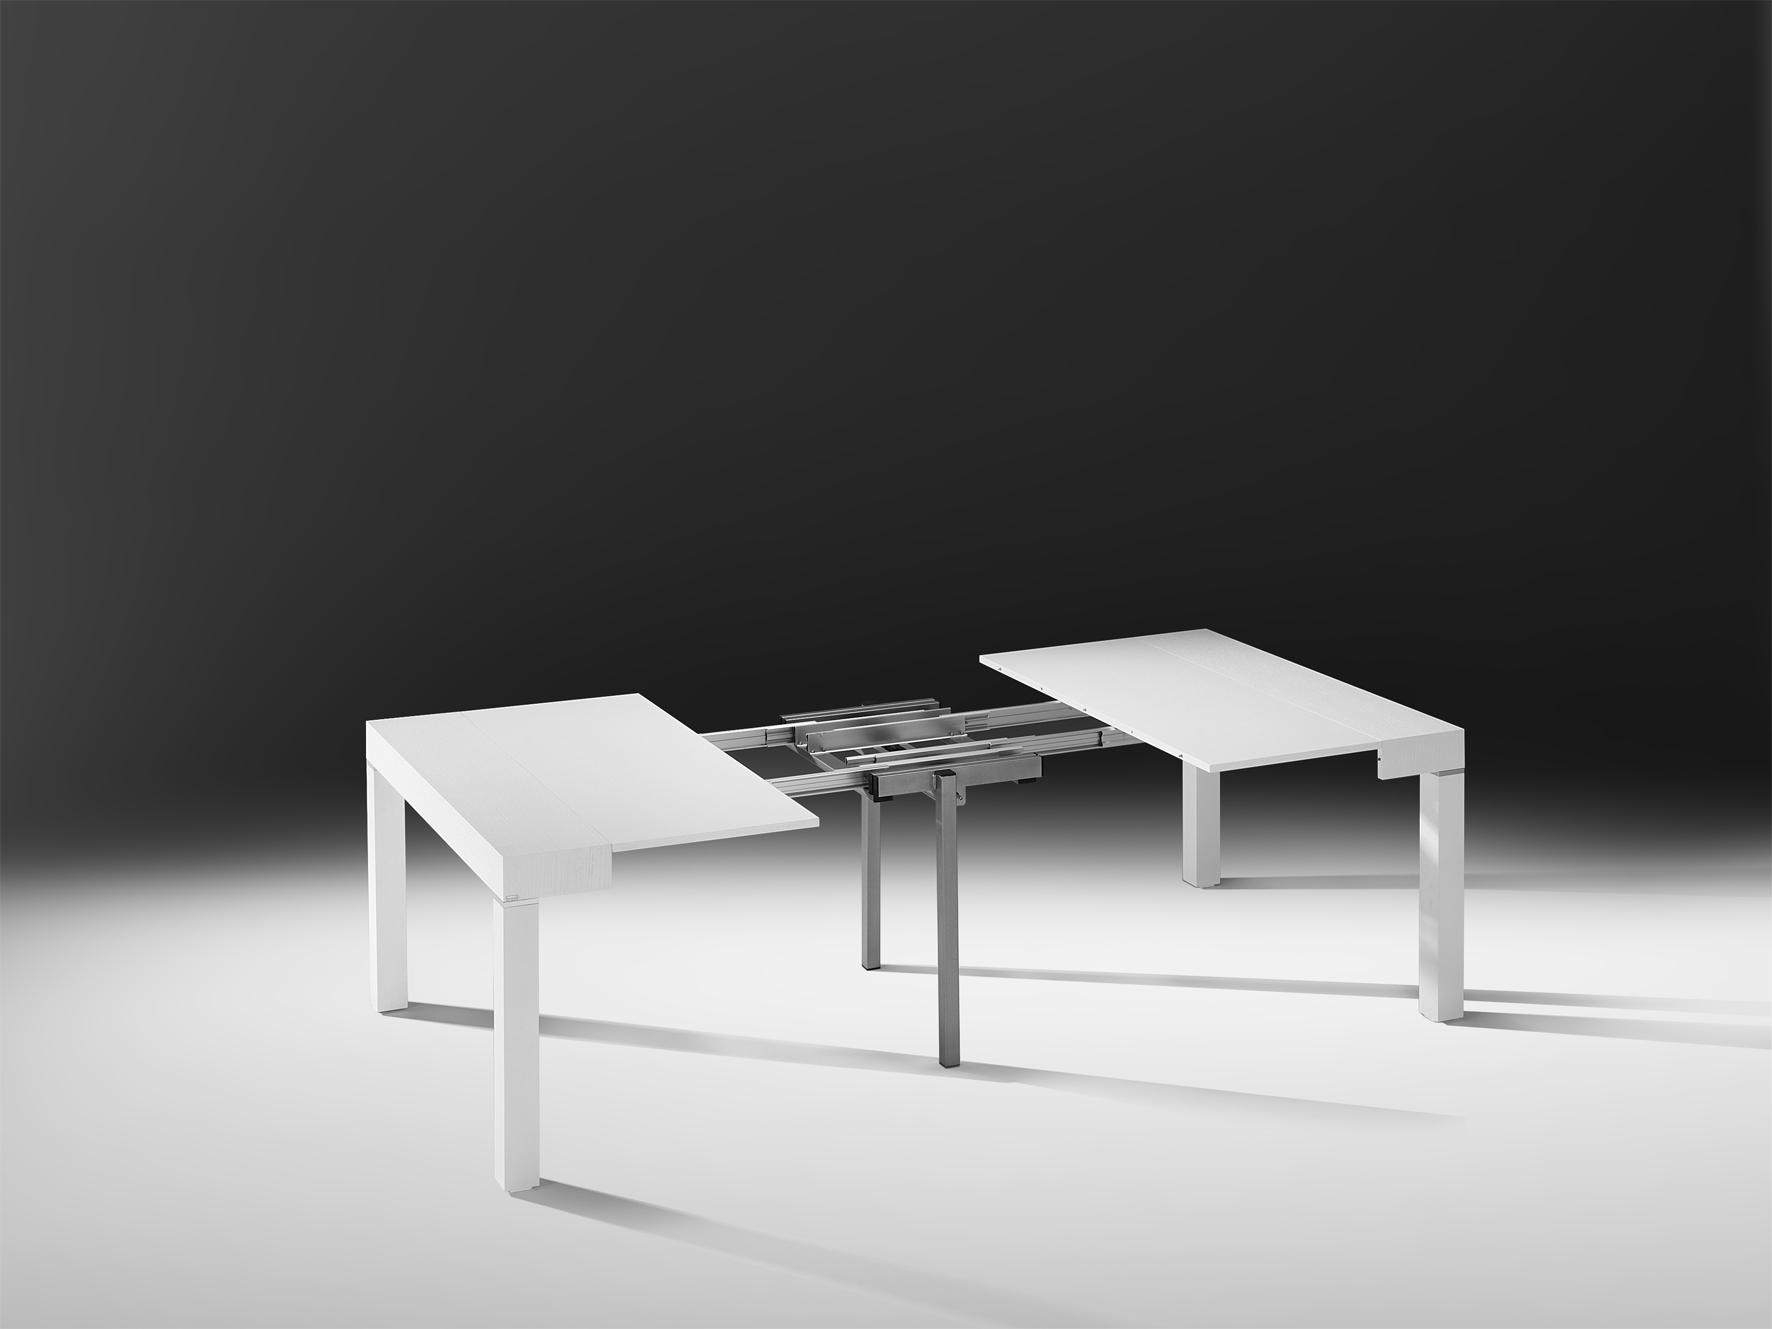 Una consolle di 50 cm diventa un tavolo da 3m e p300 l ultima novita di riflessi designspeaking - Tavolo consolle riflessi p300 prezzo ...